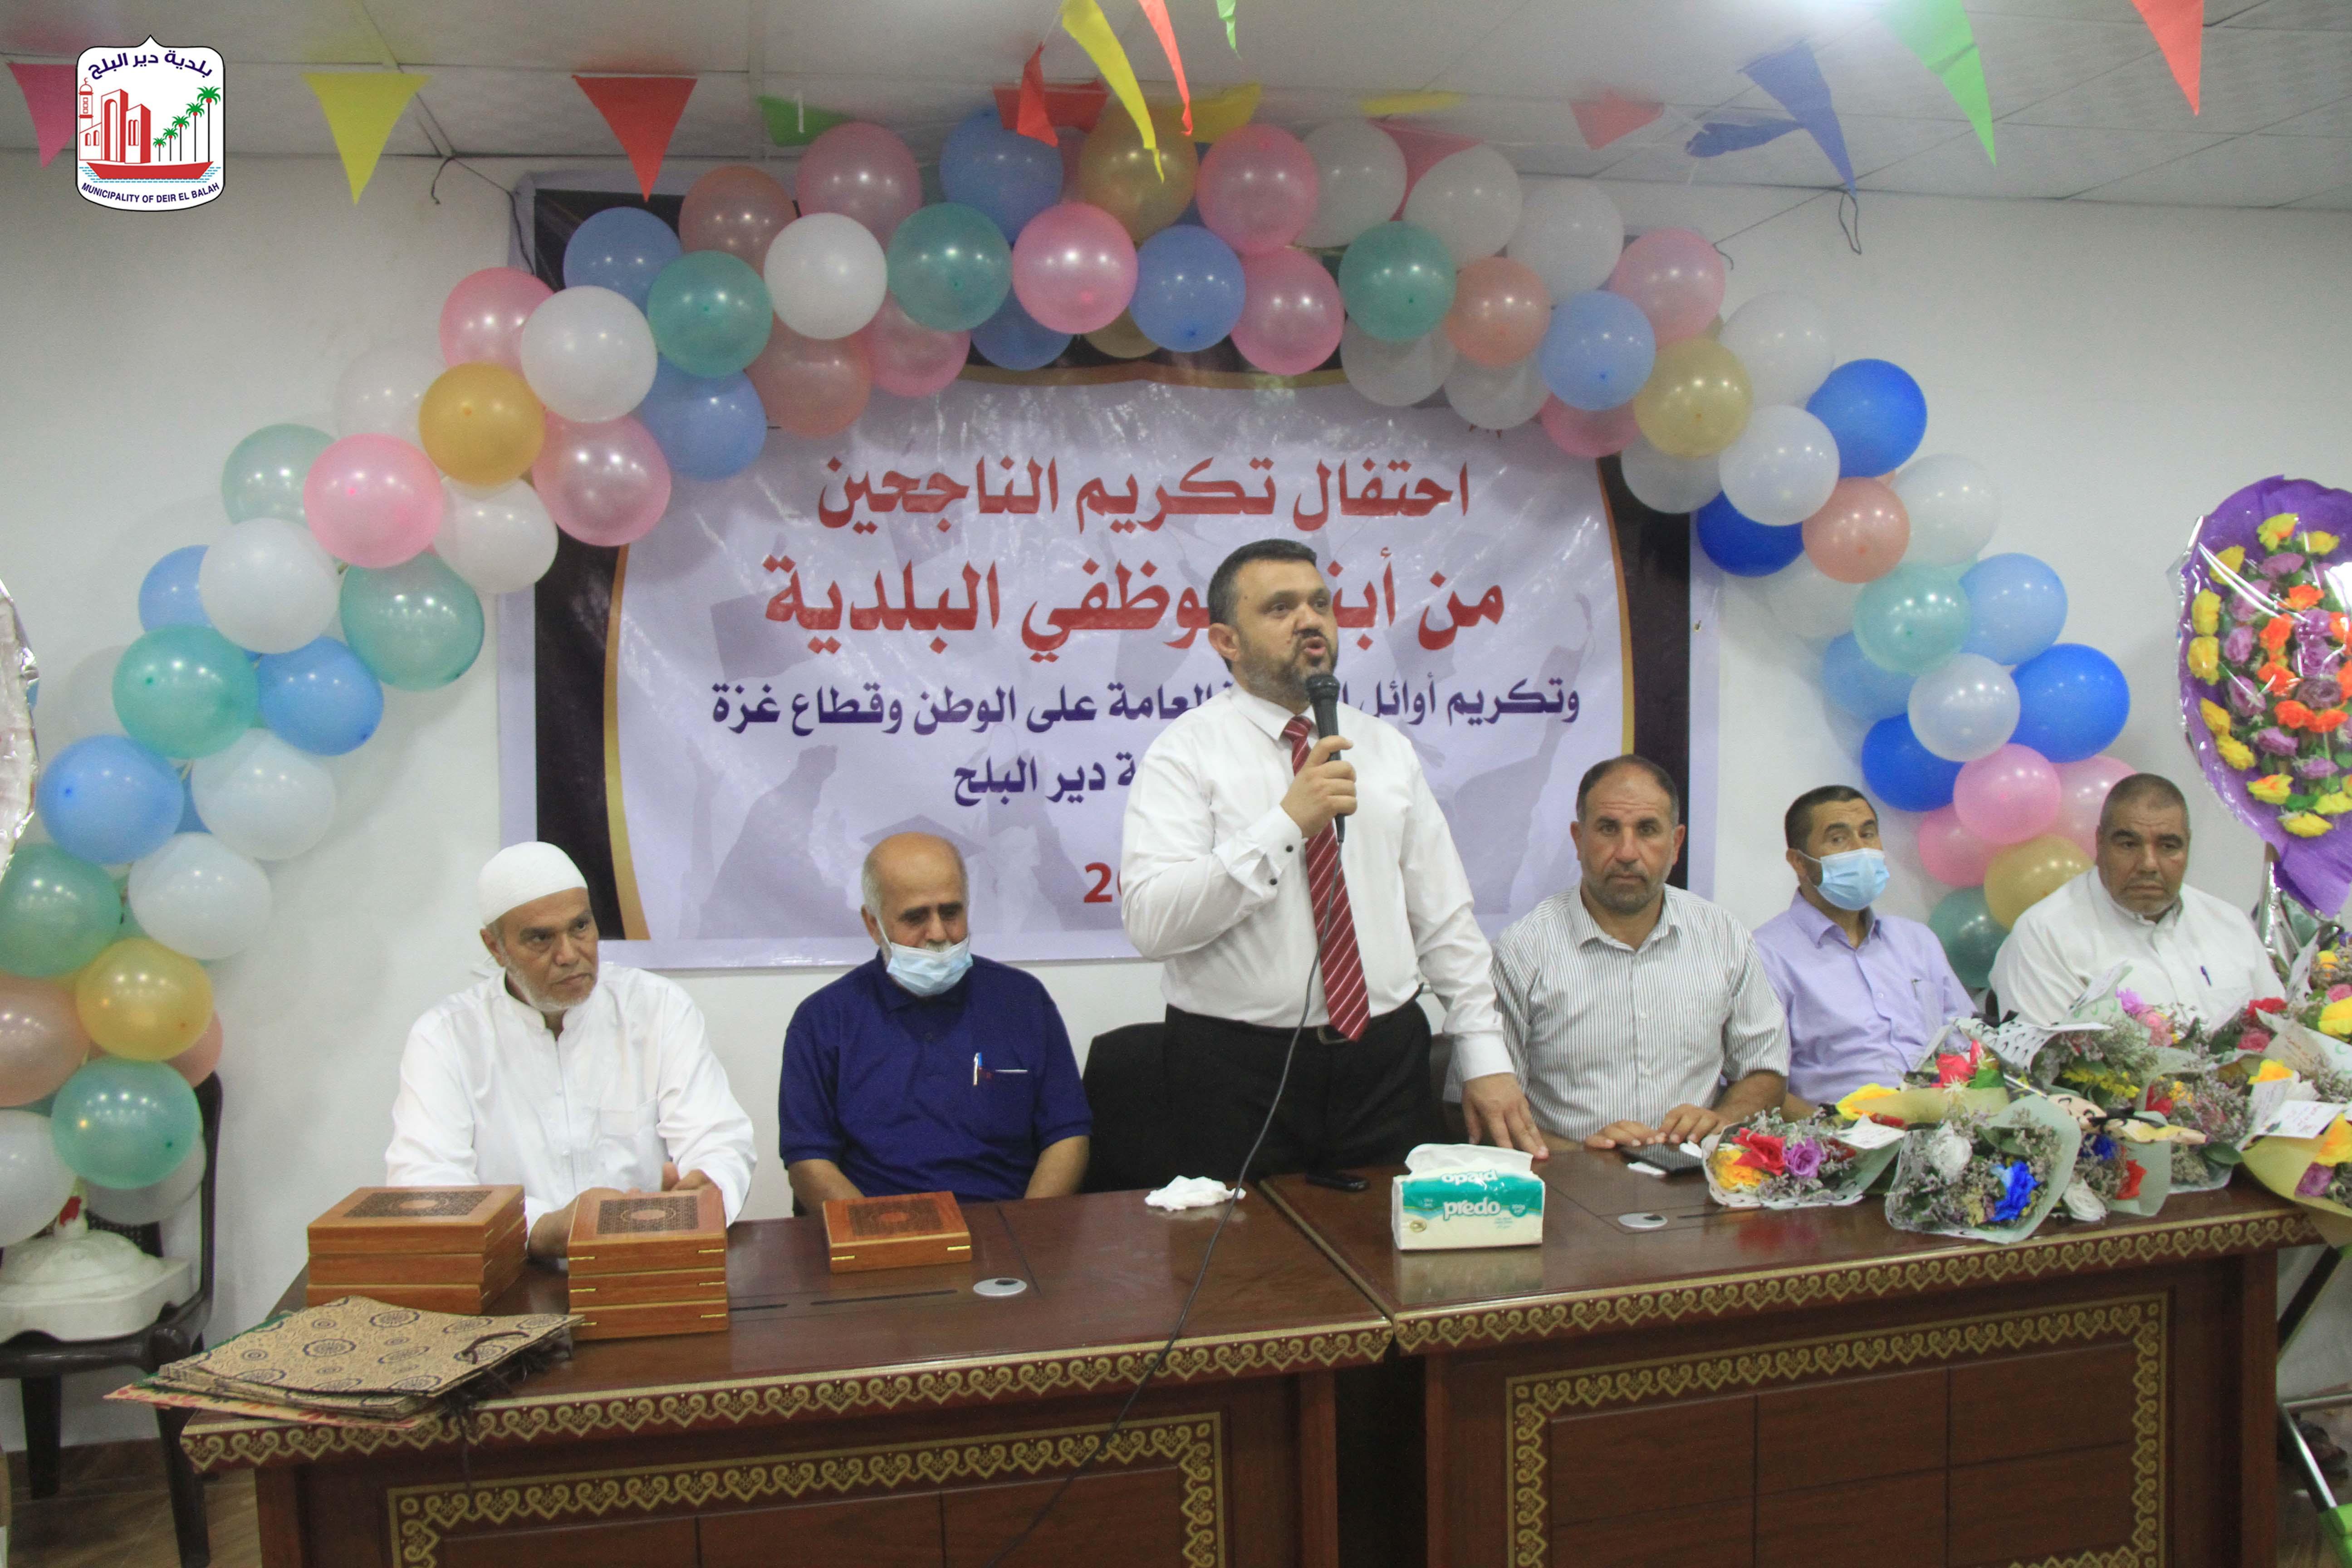 بلدية دير البلح تنظم احتفالا لتكريم أوائل المدينة على الوطن والمحافظة الوسطى والمدارس بفرعيها العلمي